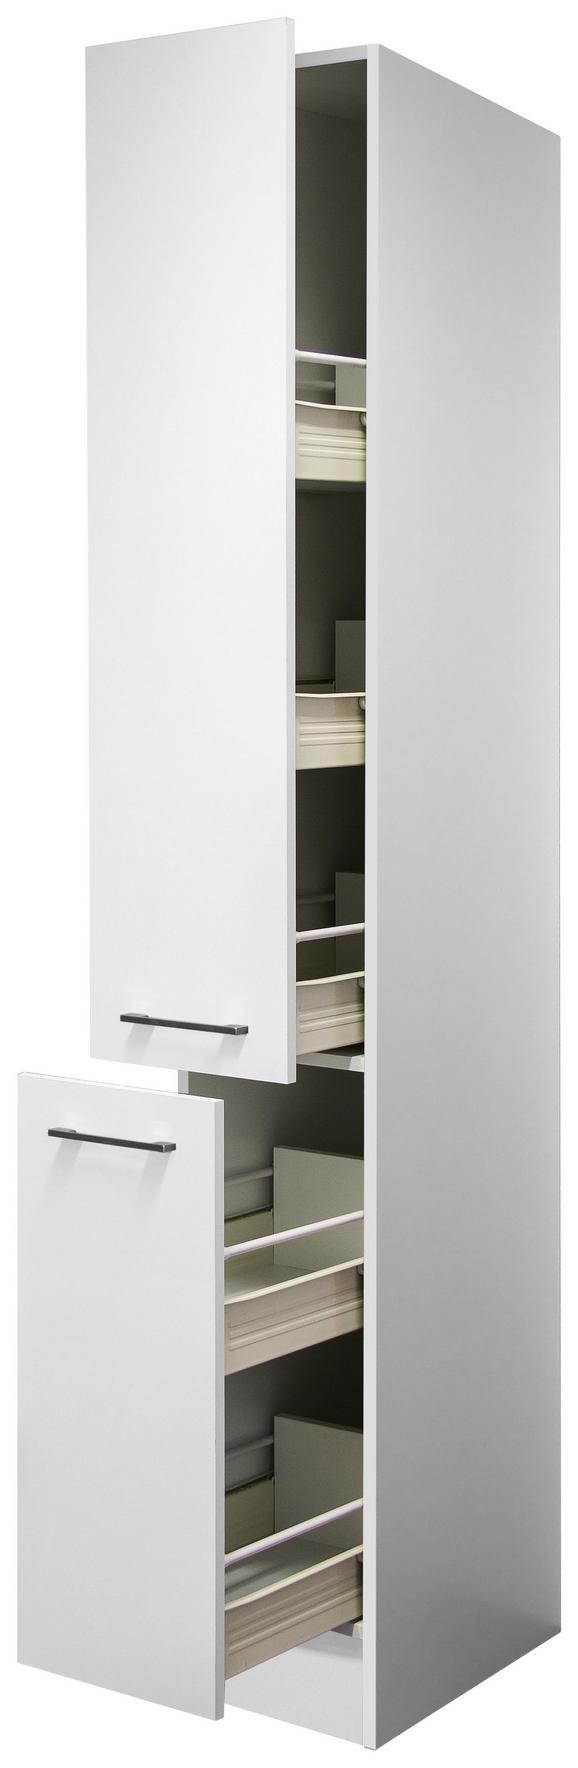 Izvlečna Omara Veneneo - bela/nerjaveče jeklo, Moderno, kovina/leseni material (30/200/57cm)